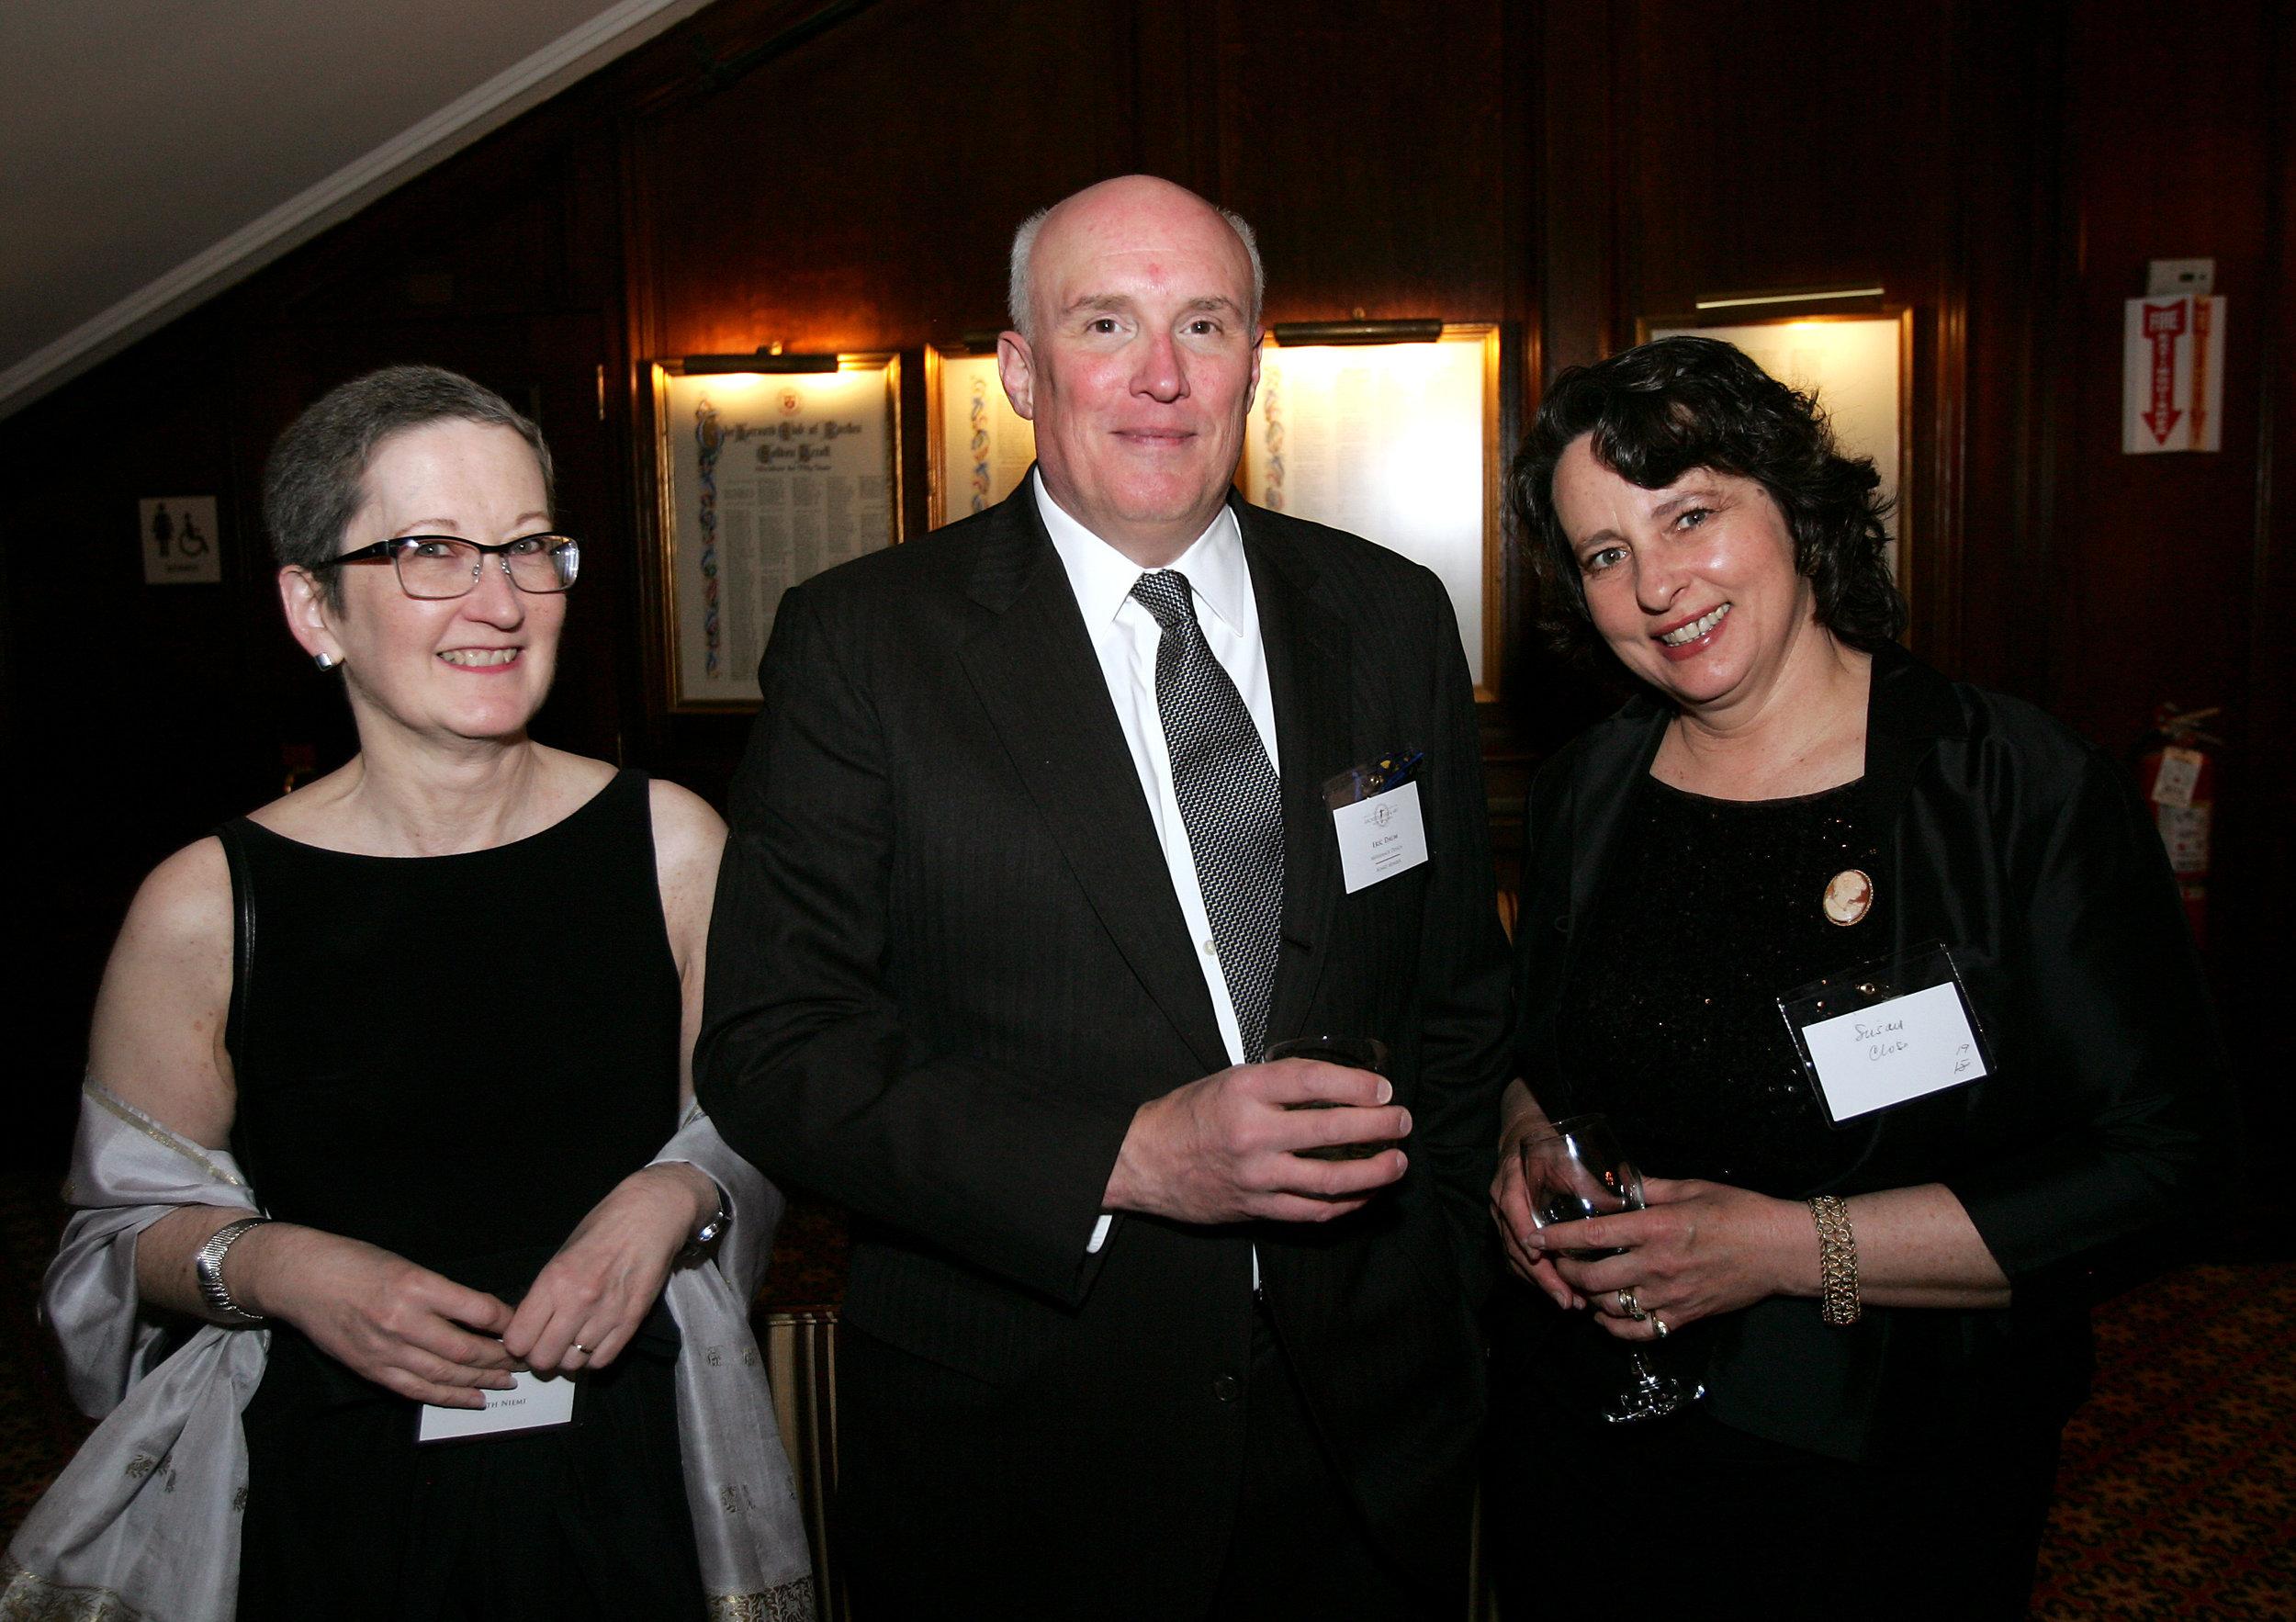 Beth Niemi, Board member Eric Daum, Board member Susan Close